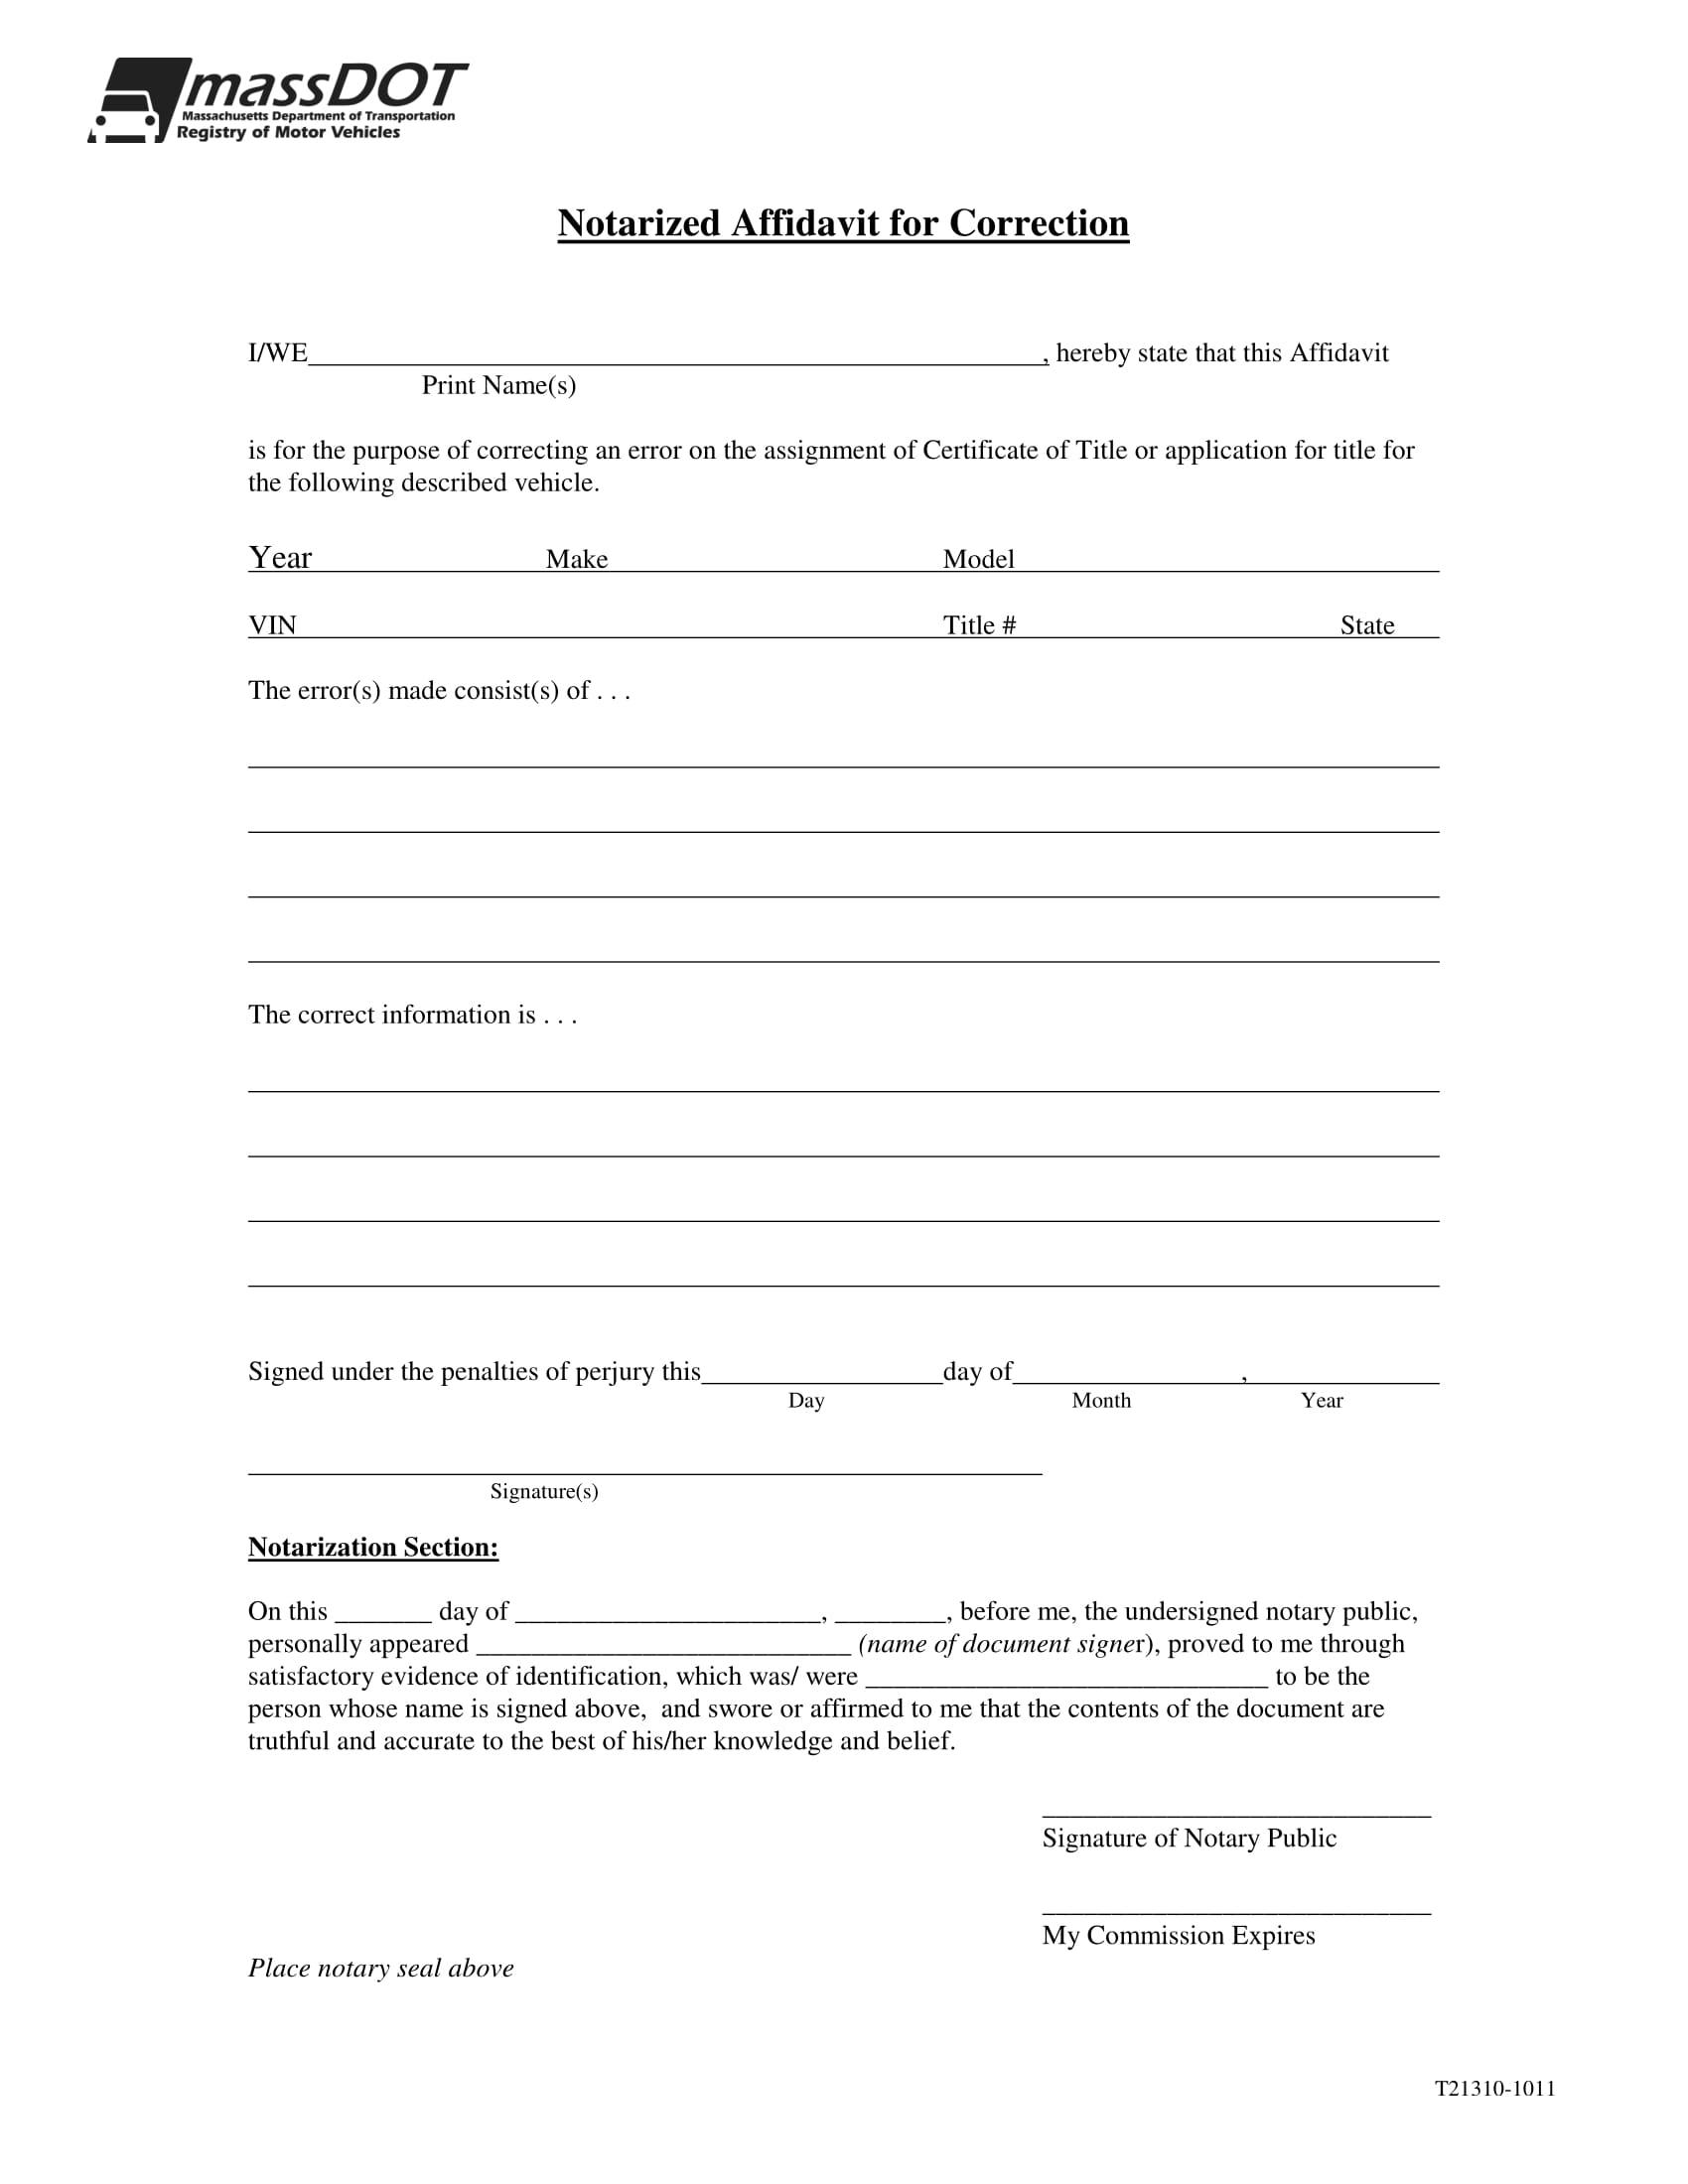 notarized affidavit of correction 1